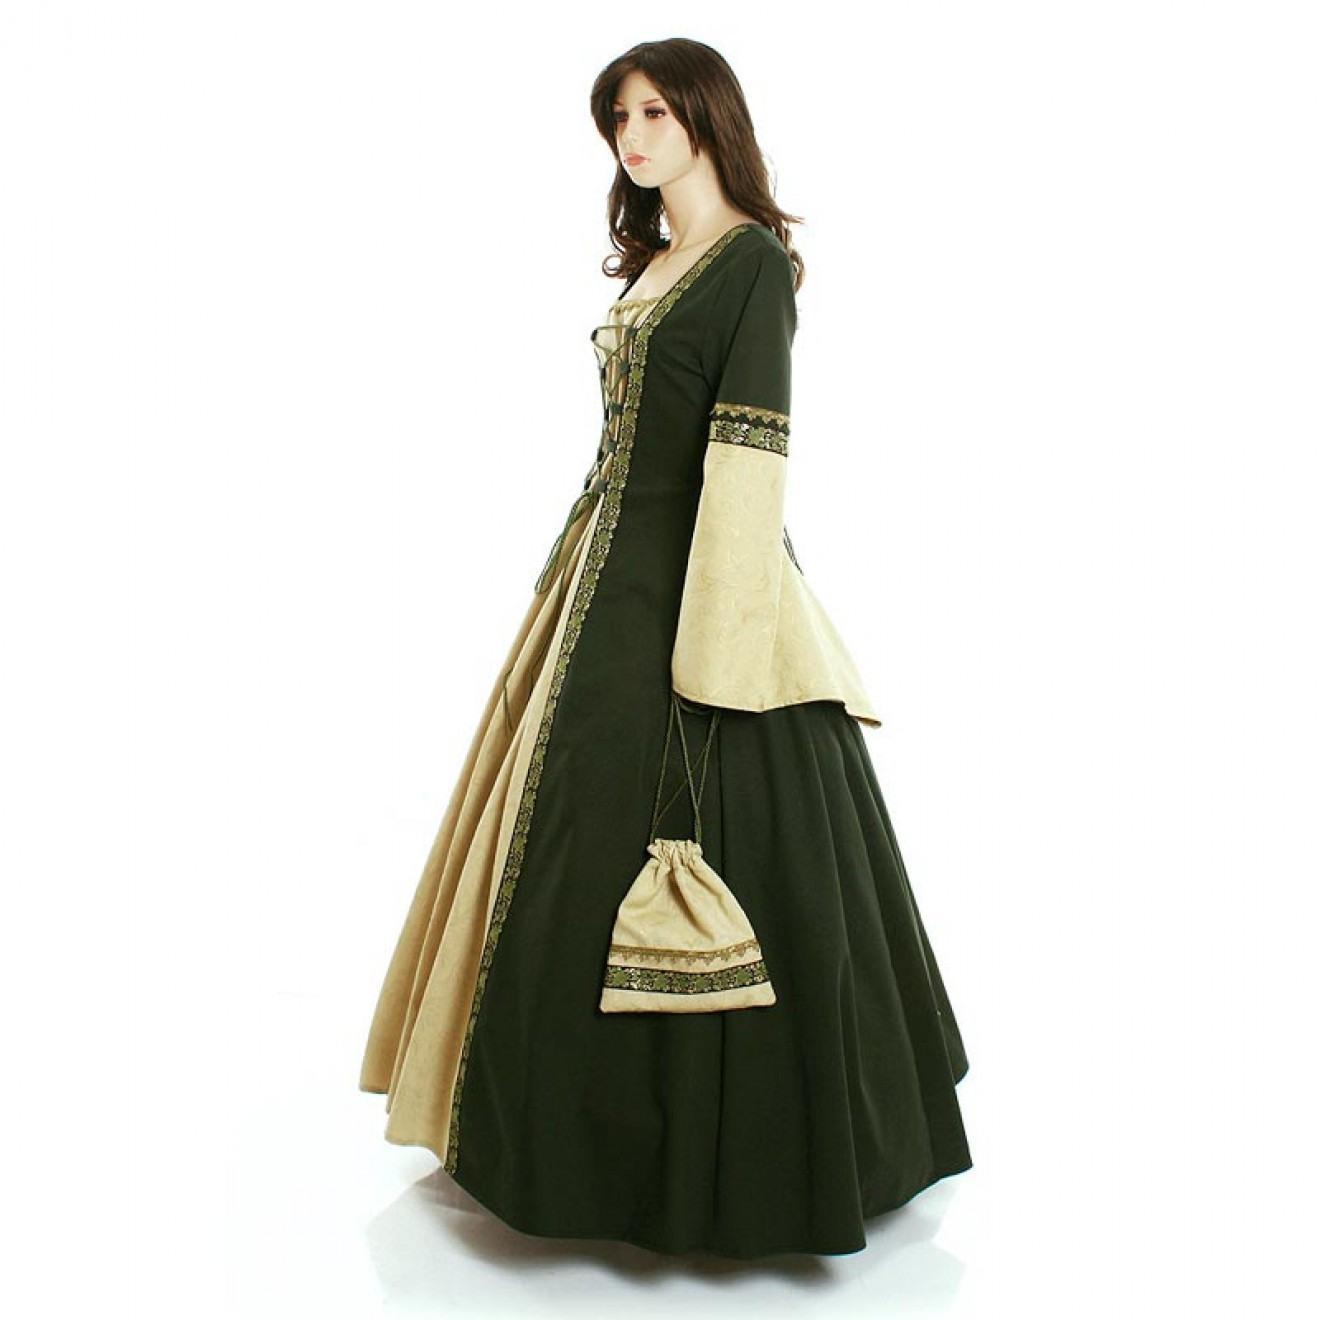 Mittelalter Brokatkleid Hochzeitskleid Nach Maß Auch Für